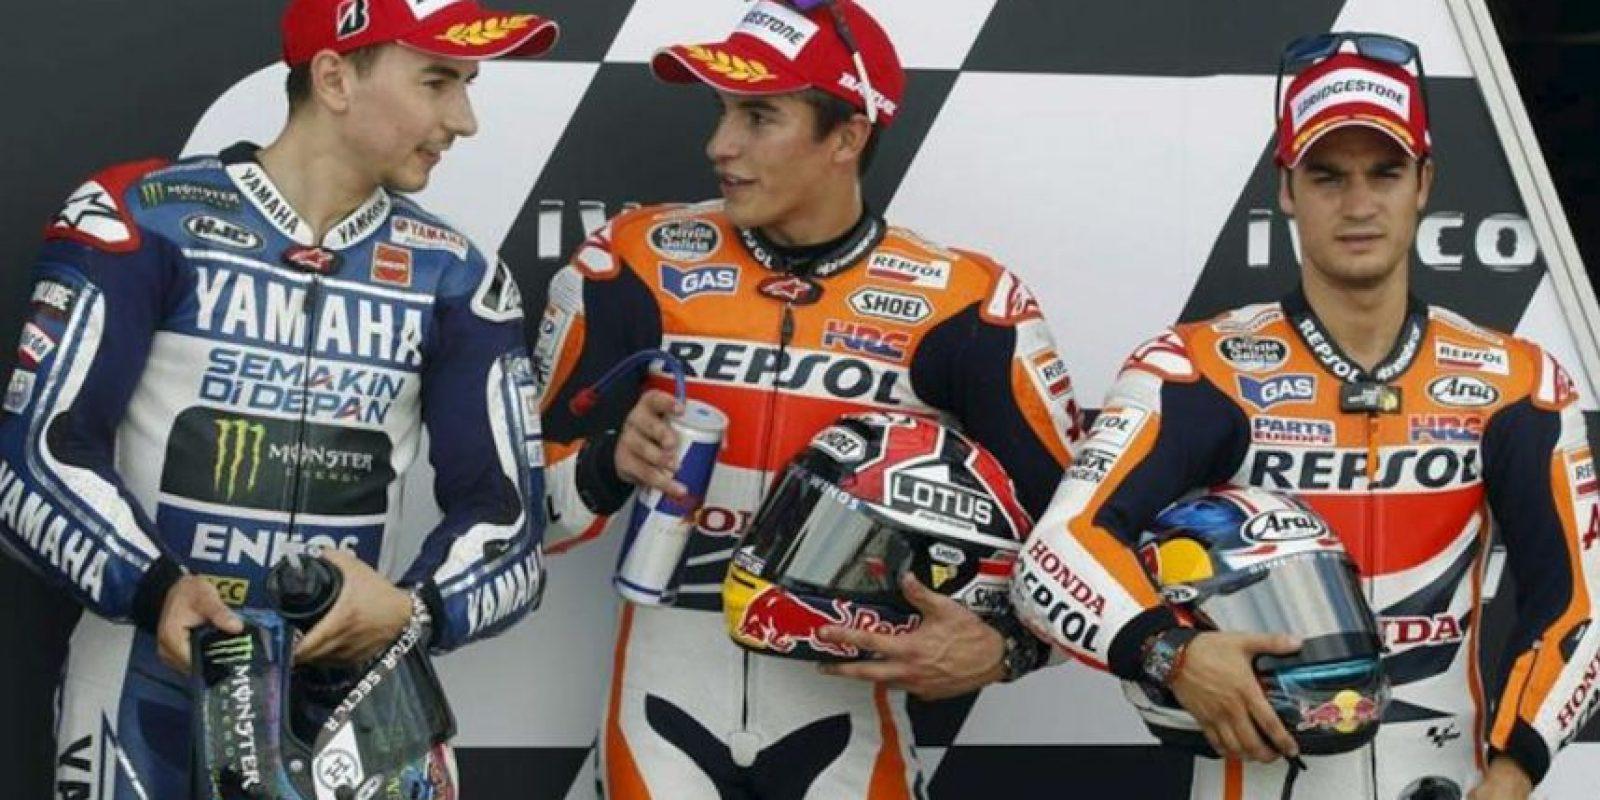 Los pilotos españoles de MotoGP Marc Márquez (c), Jorge Lorenzo (i) y Dani Pedrosa tras conseguir el primer, segundo y tercer mejor tiempo en el Circuito Motorland en Alcañiz (Teruel), donde este fin de semana se celebra el Gran Premio de Aragón de motociclismo. EFE